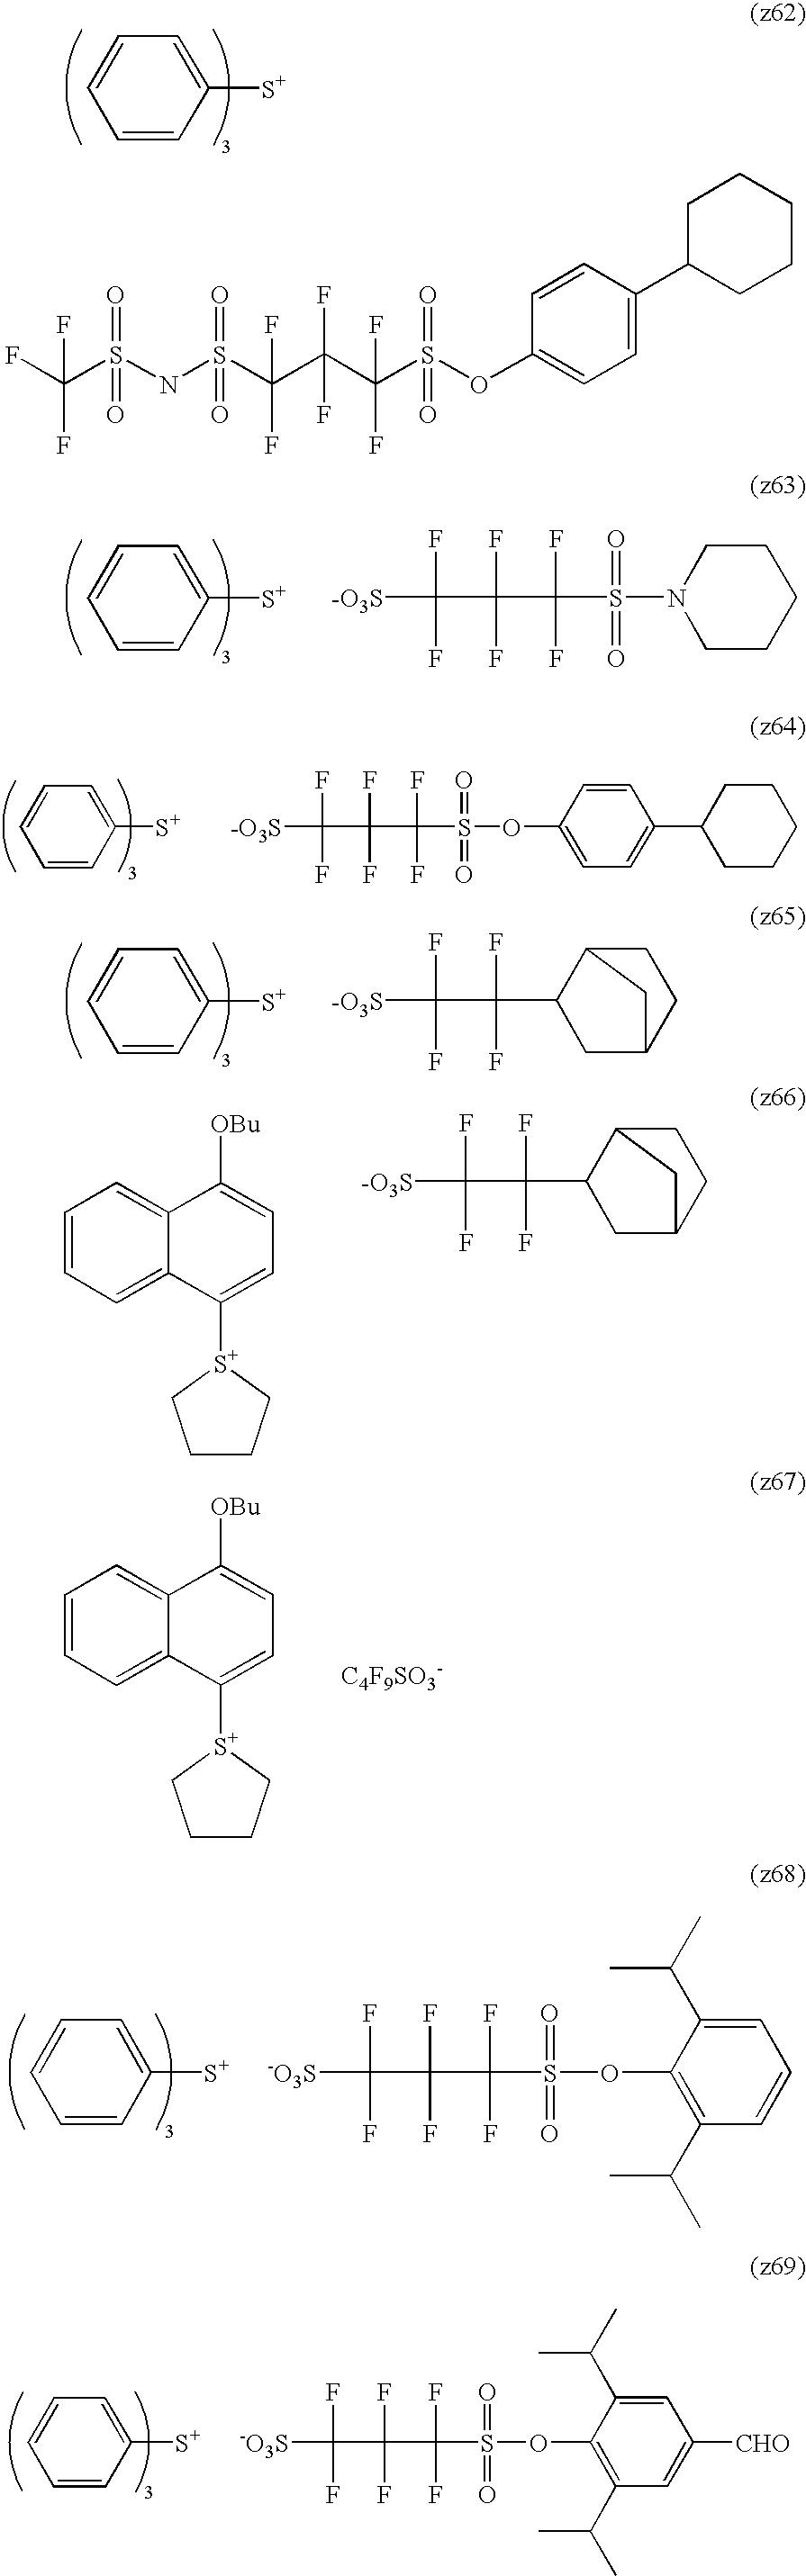 Figure US20100183975A1-20100722-C00228